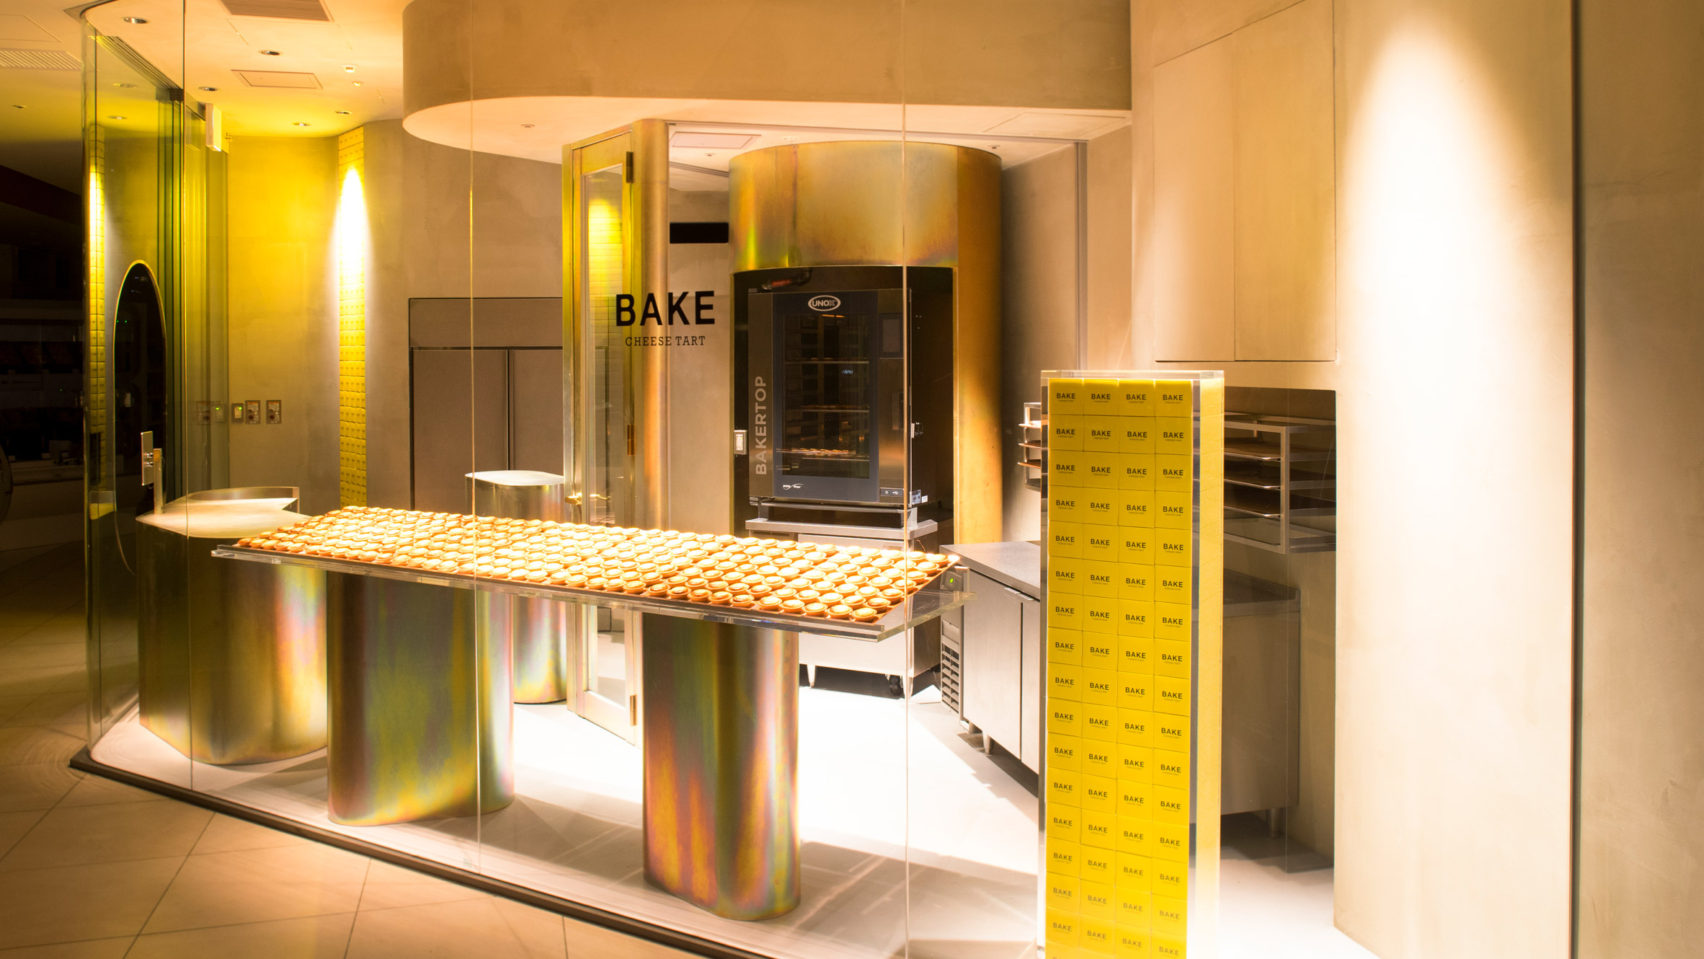 bake-cheese-tart-fumitaka-suzuki-interiors-retail-shops-japan-osaka_dezeen_hero-1-1704x959.jpg